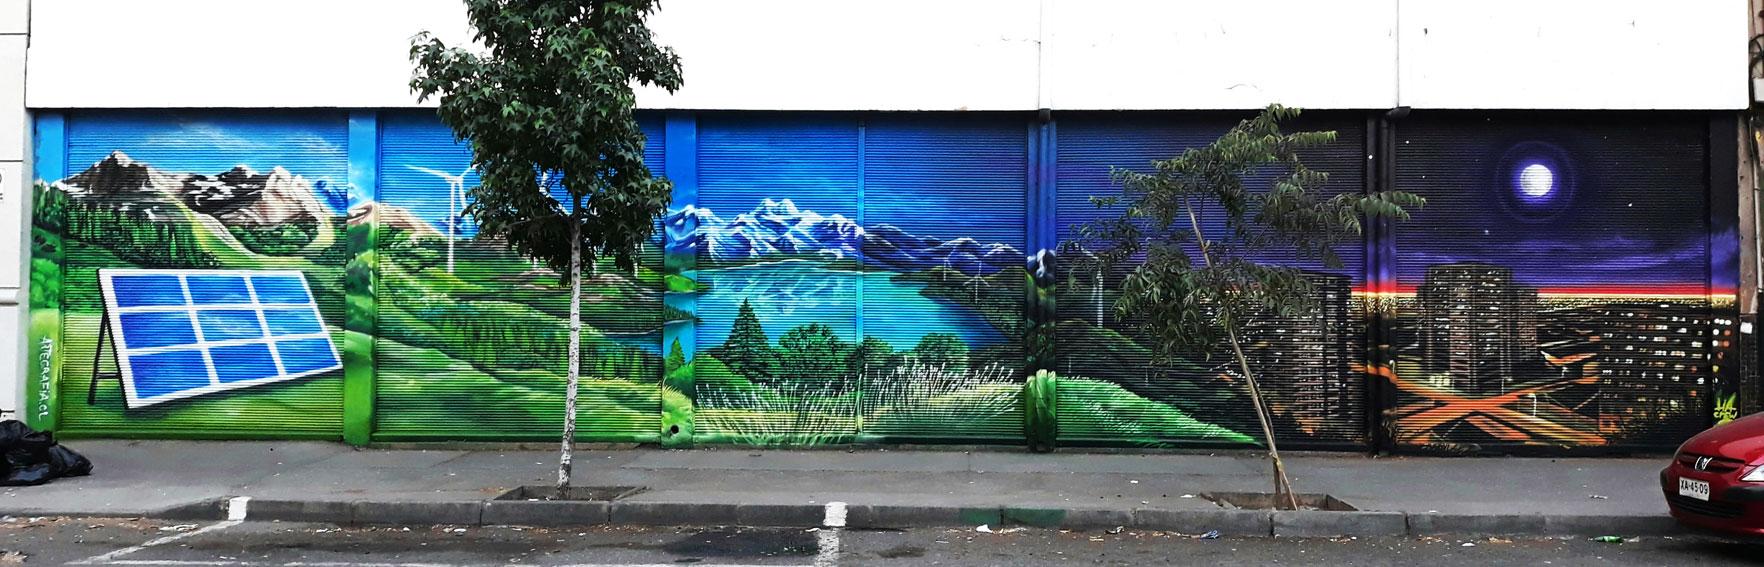 Mural Rhona